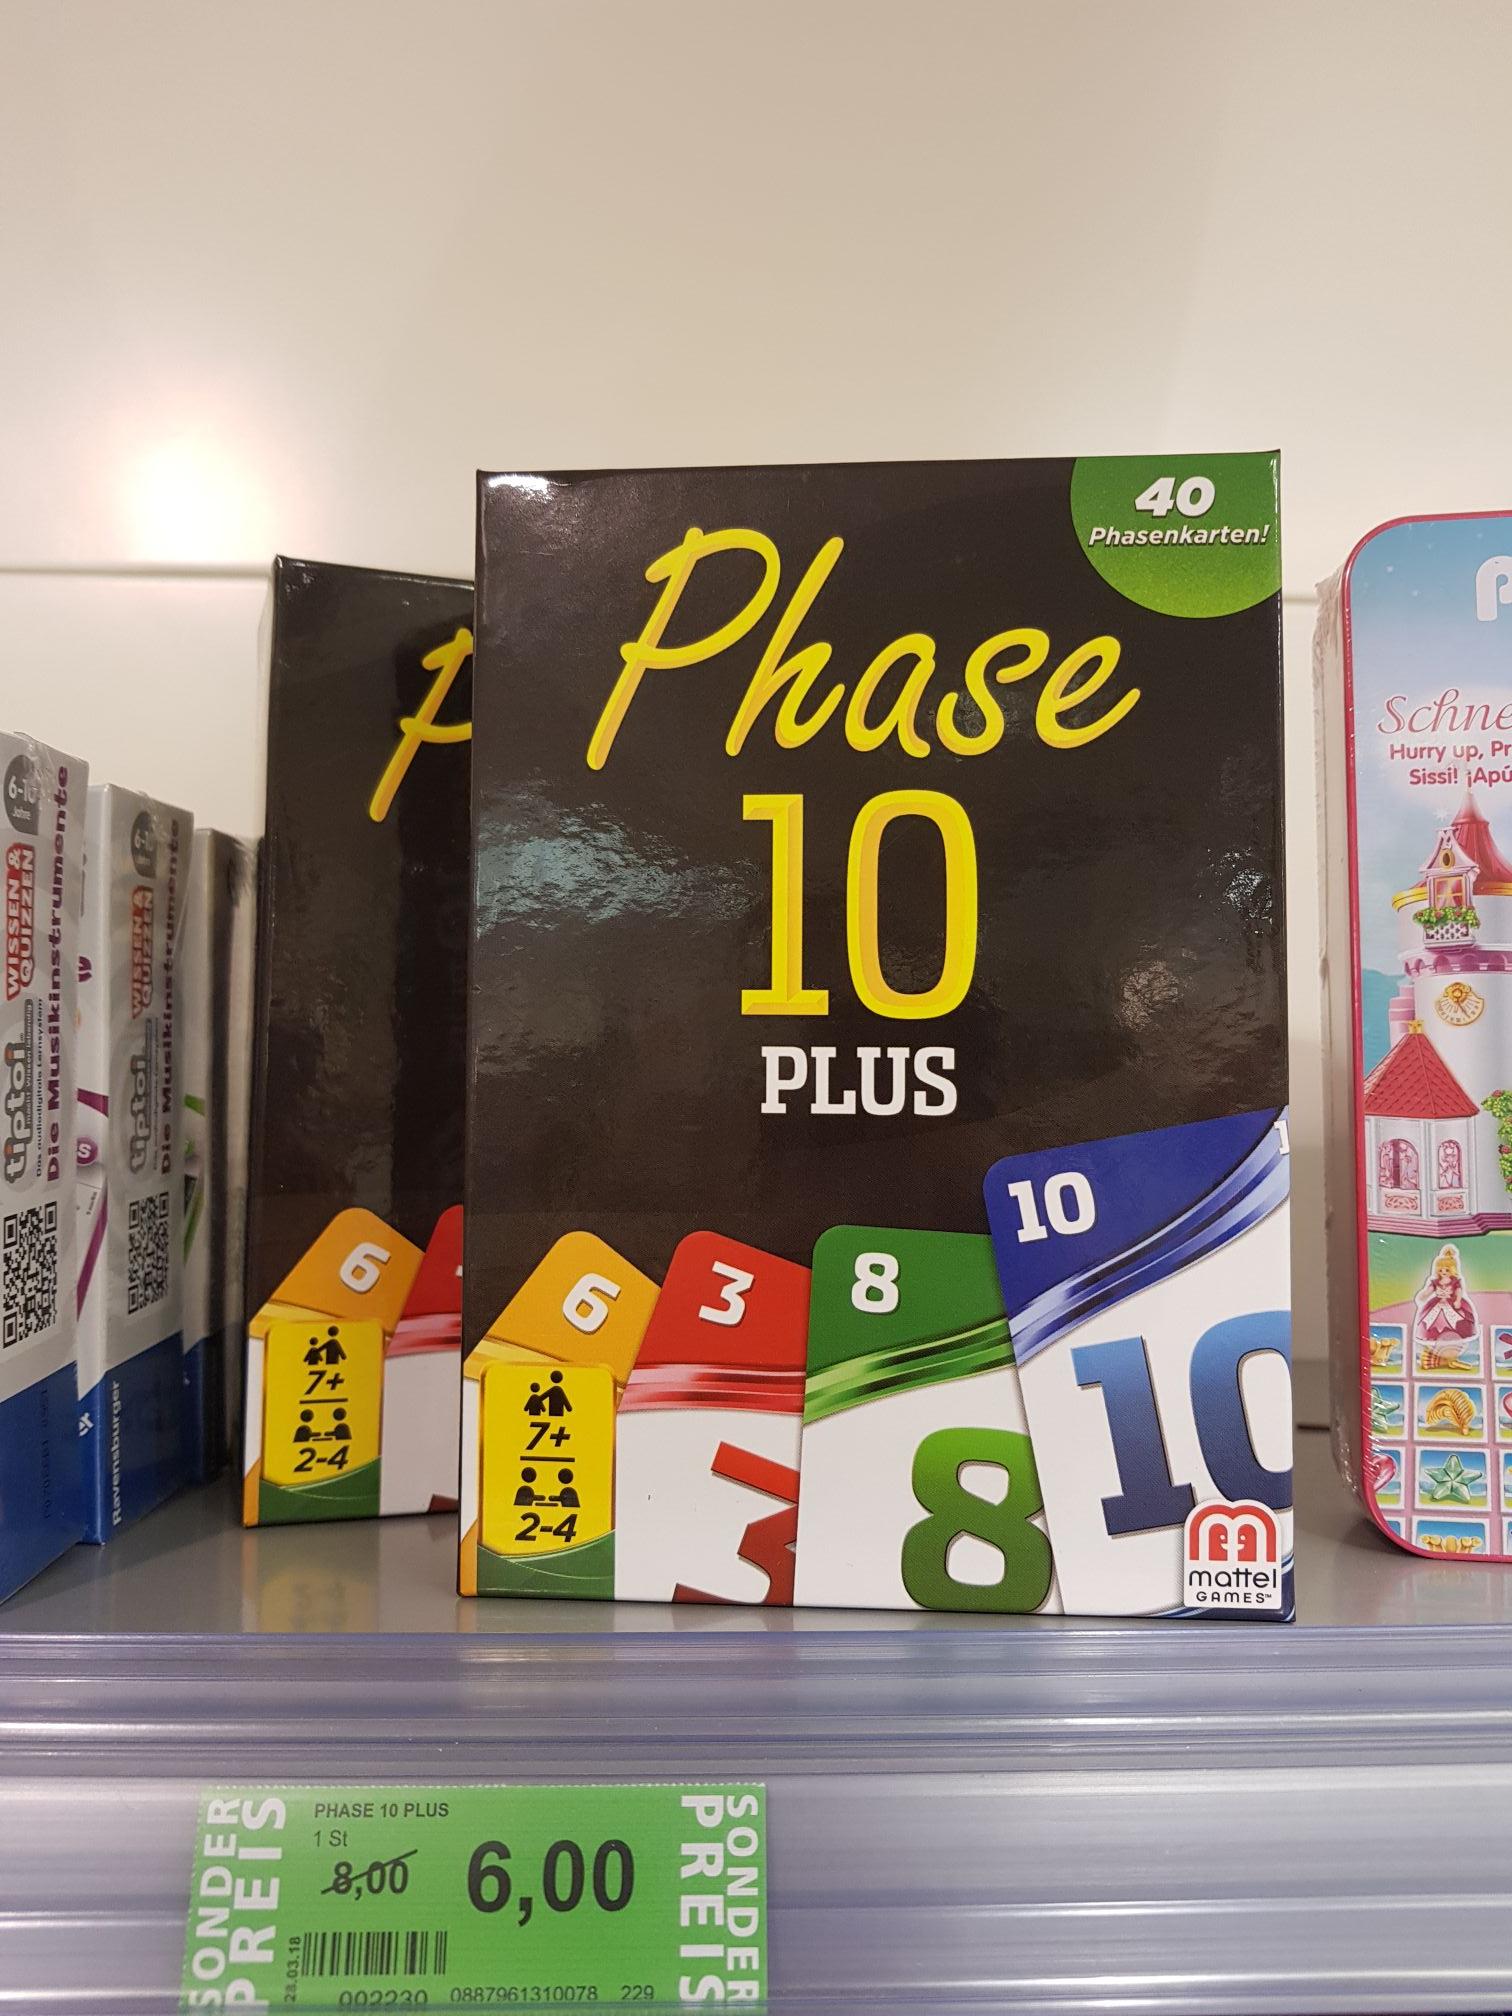 [Lokal] Rossmann Stade - Phase 10 Plus - Mattel